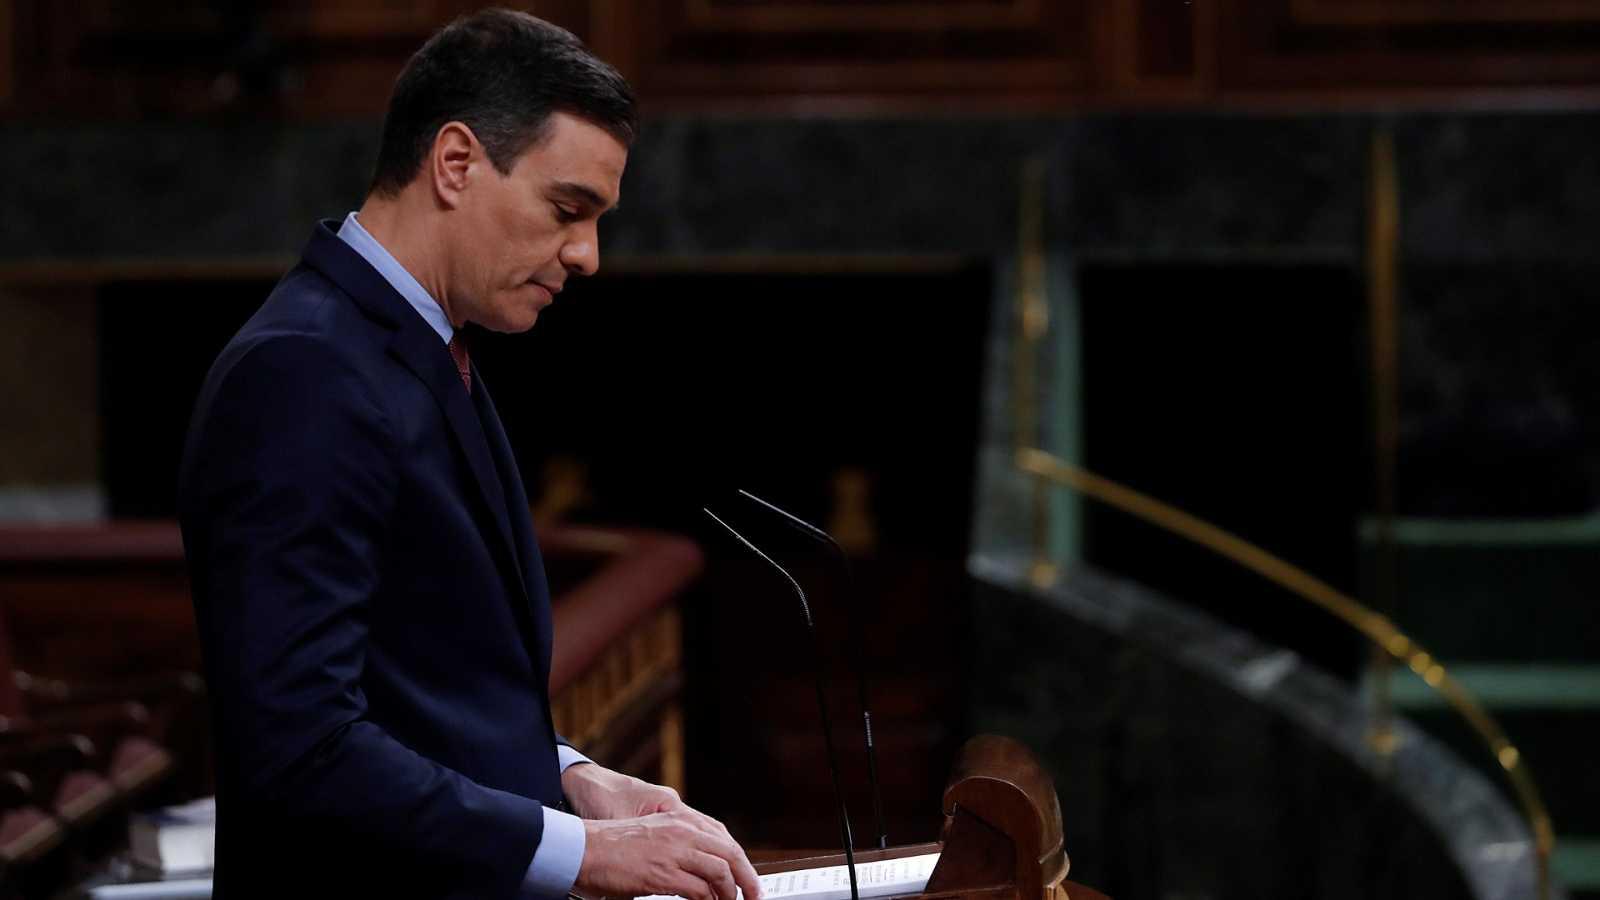 """Sánchez: """"Levantar el estado de alarma ahora sería un error absoluto, total e imperdonable"""""""